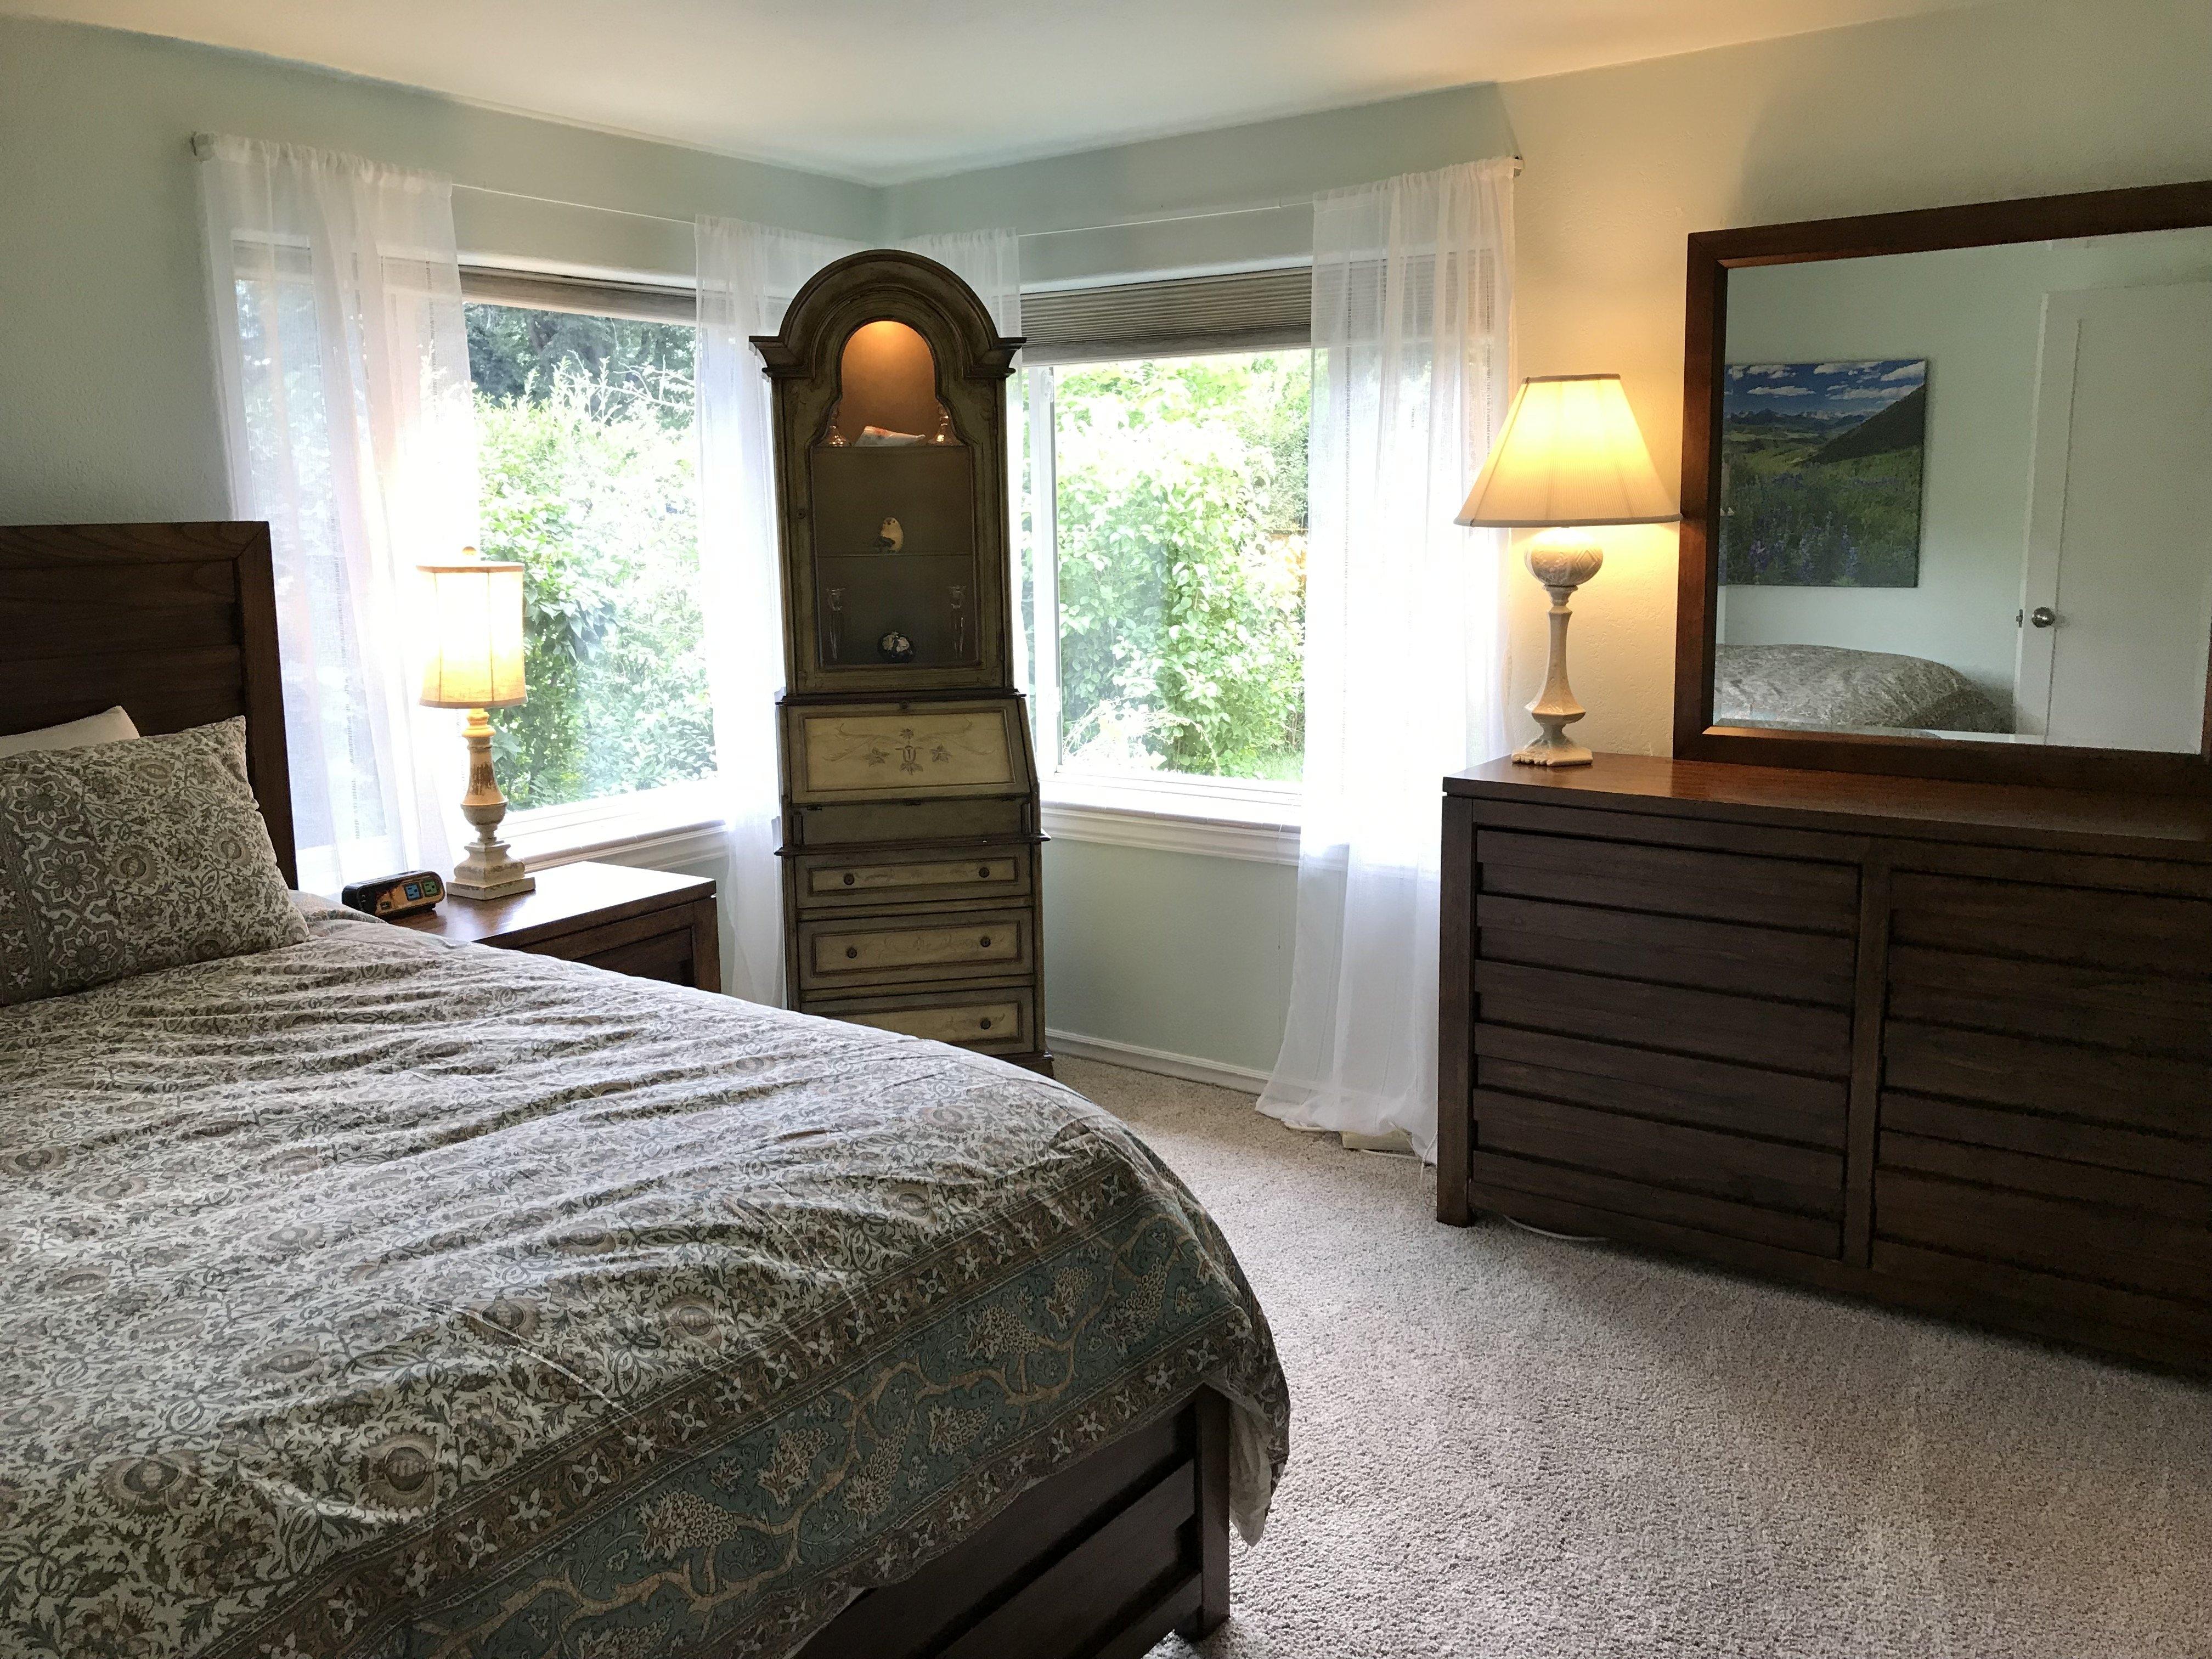 Garden Bedroom:Queen Bed